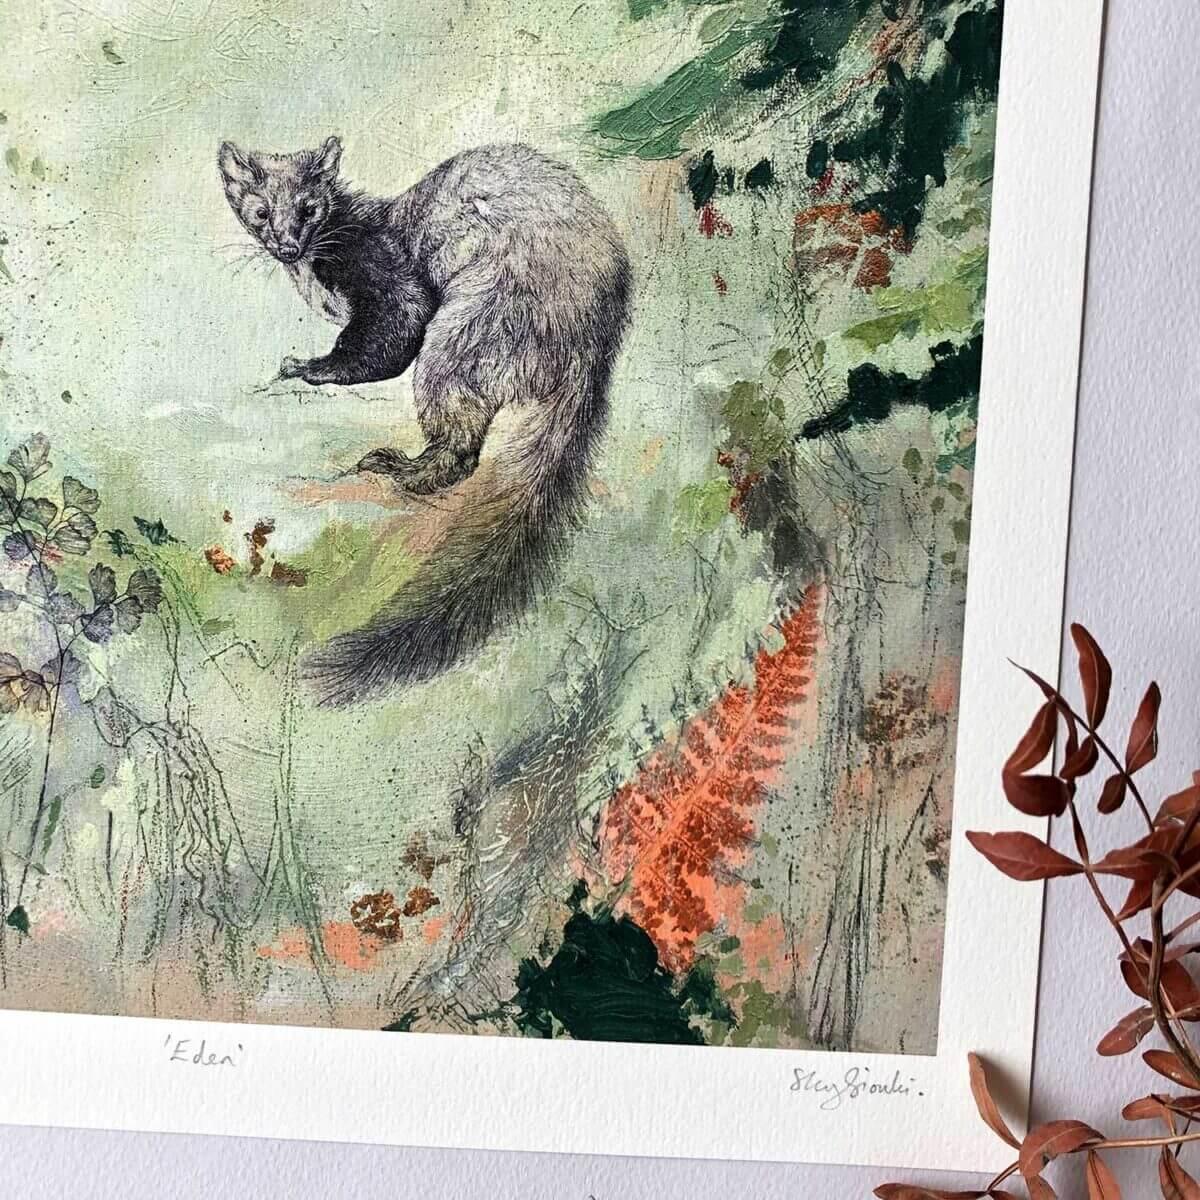 Eden-Print-Pine-Marten-Sky-Siouki